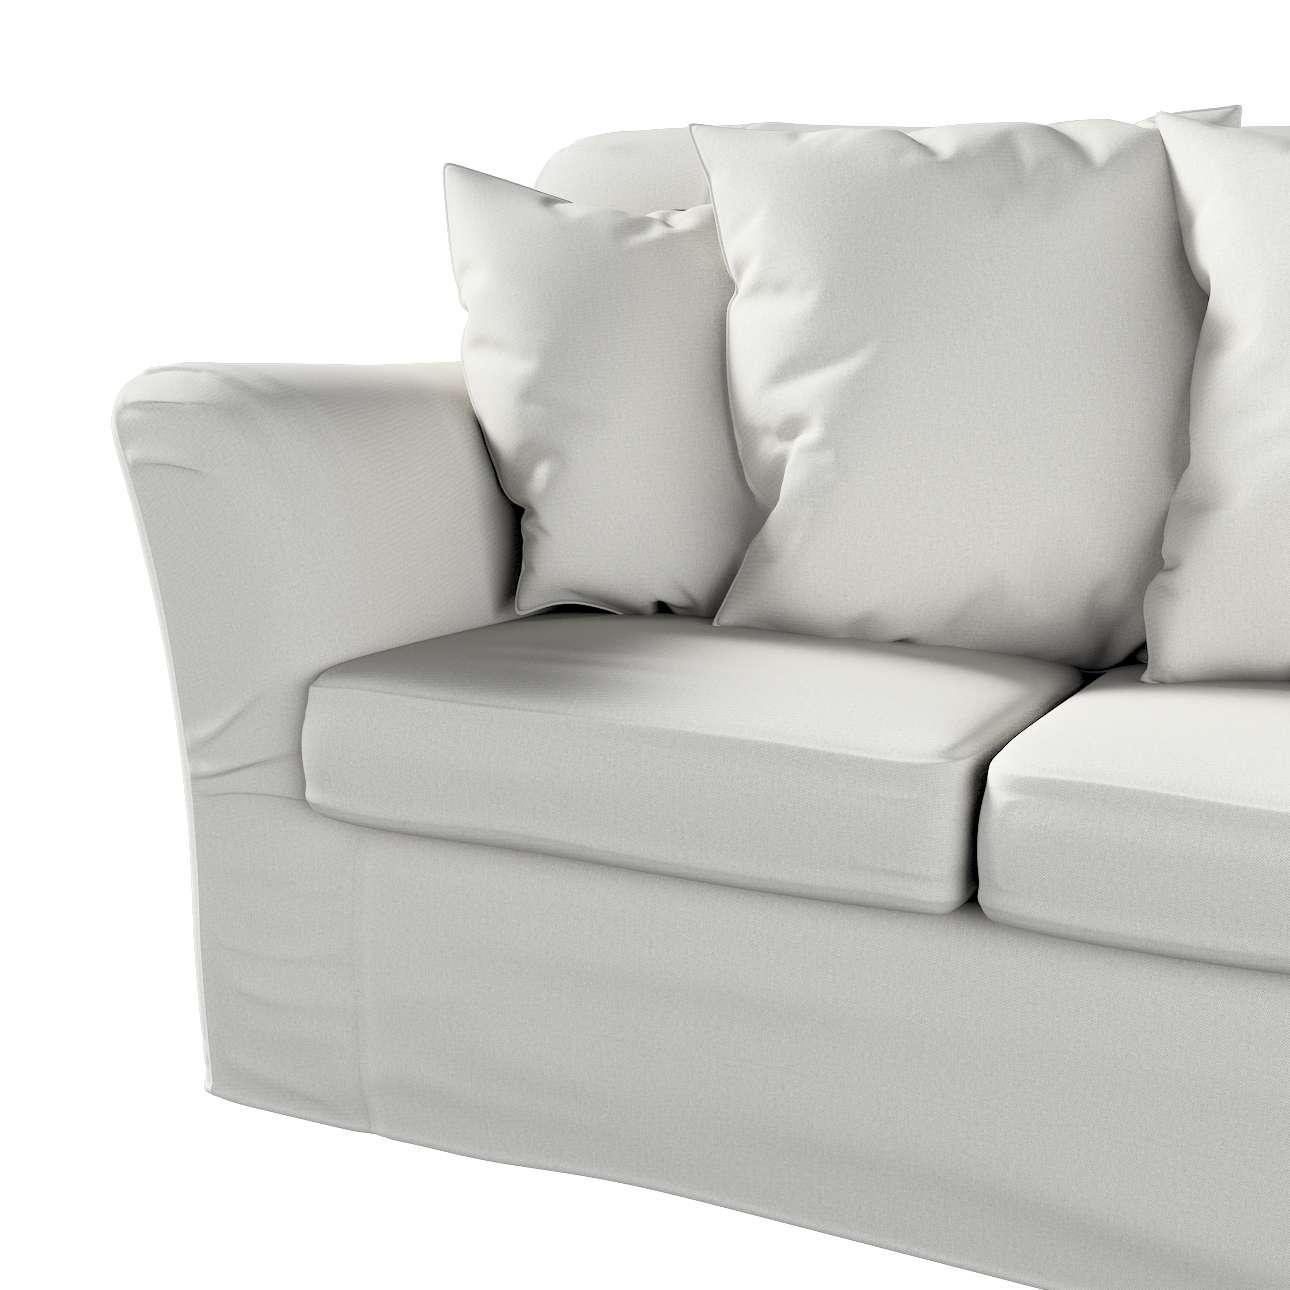 Pokrowiec na sofę Tomelilla 3-osobową nierozkładaną w kolekcji Etna, tkanina: 705-90